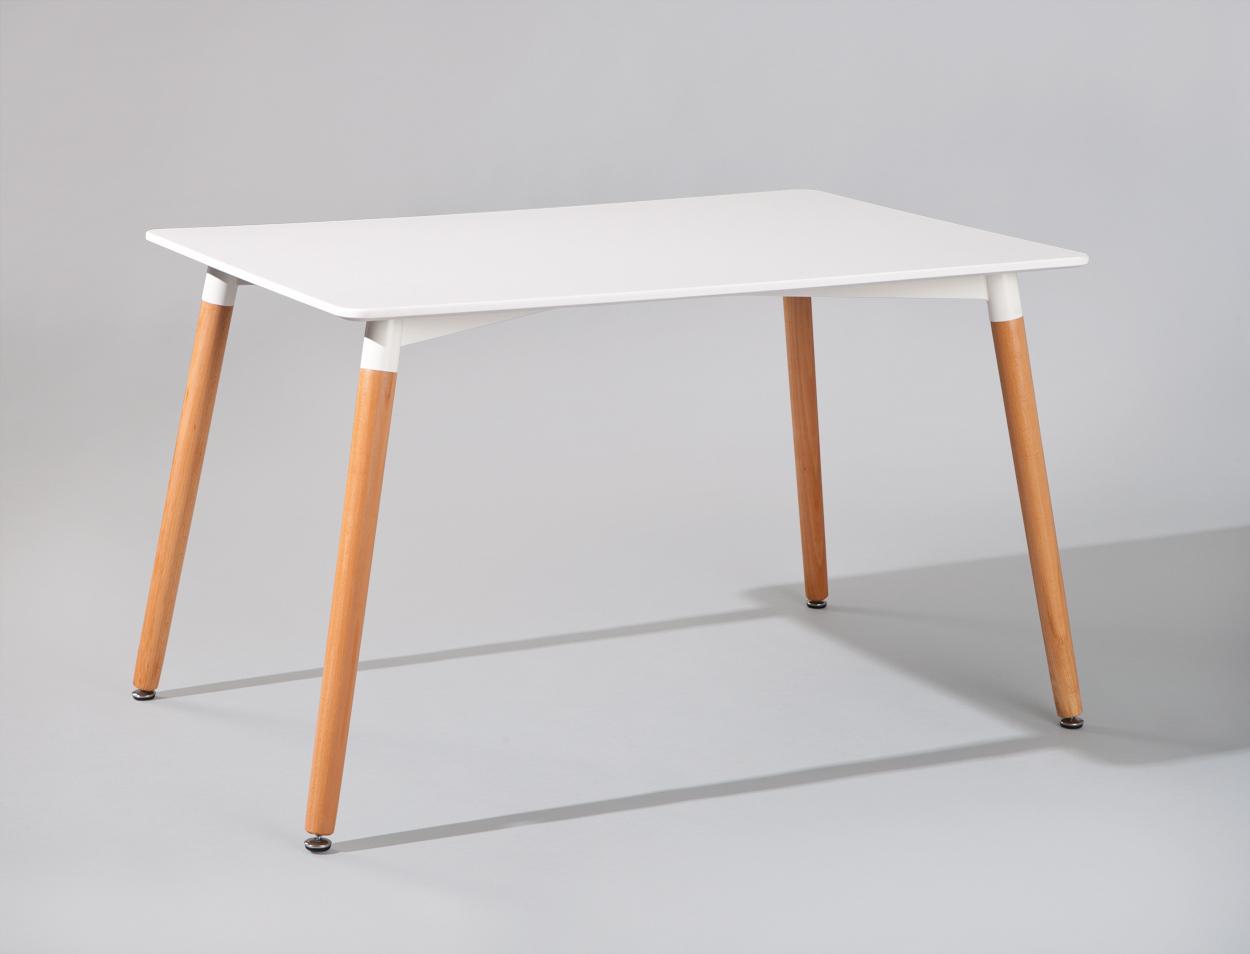 Tavolo da pranzo moderno Blanc, tavolo bianco e legno per cucina